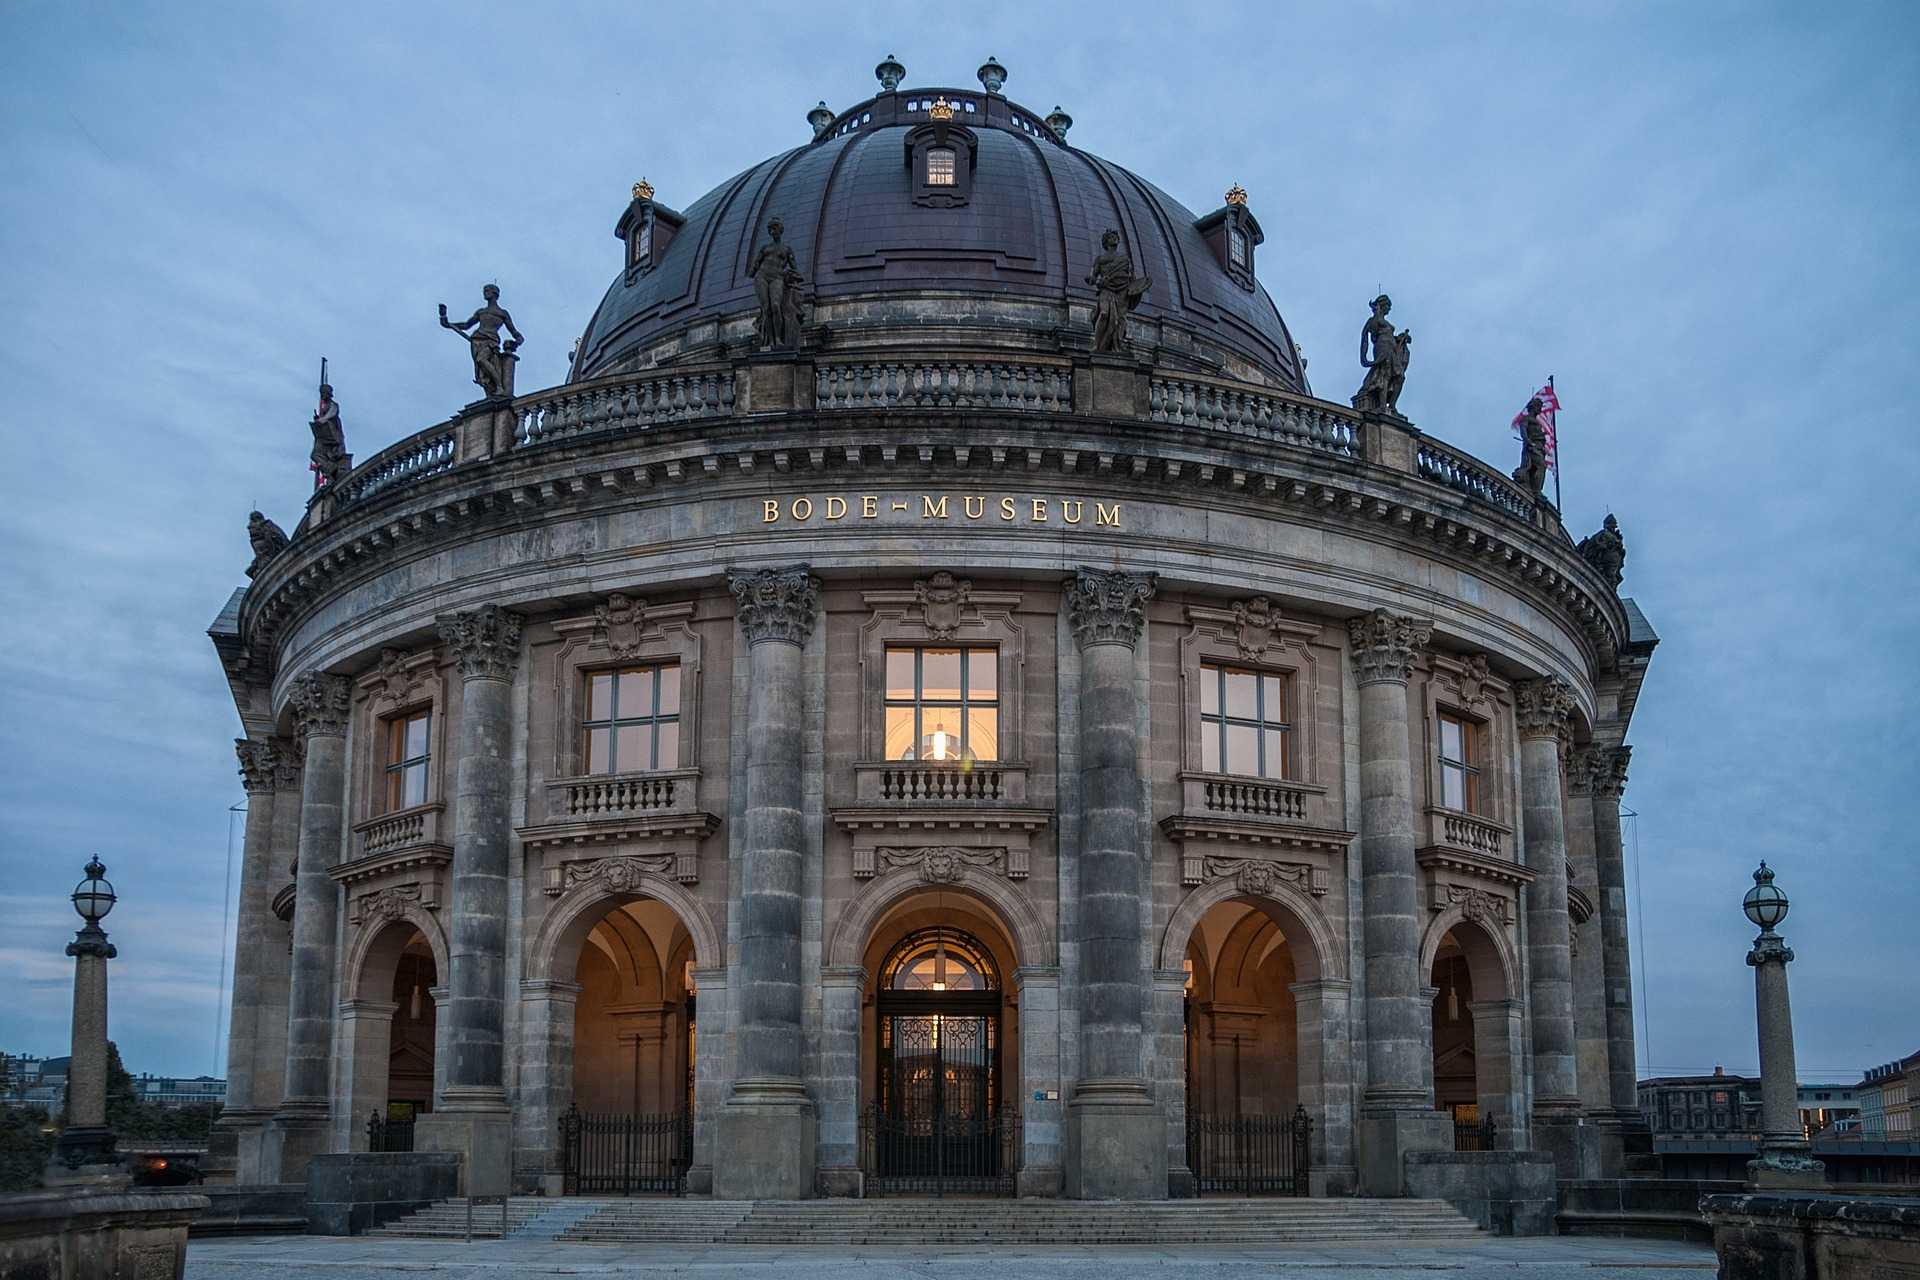 אי המוזיאונים בברלין 2021 - כך תקנו כרטיס אחד בזול לכל המוזיאונים!